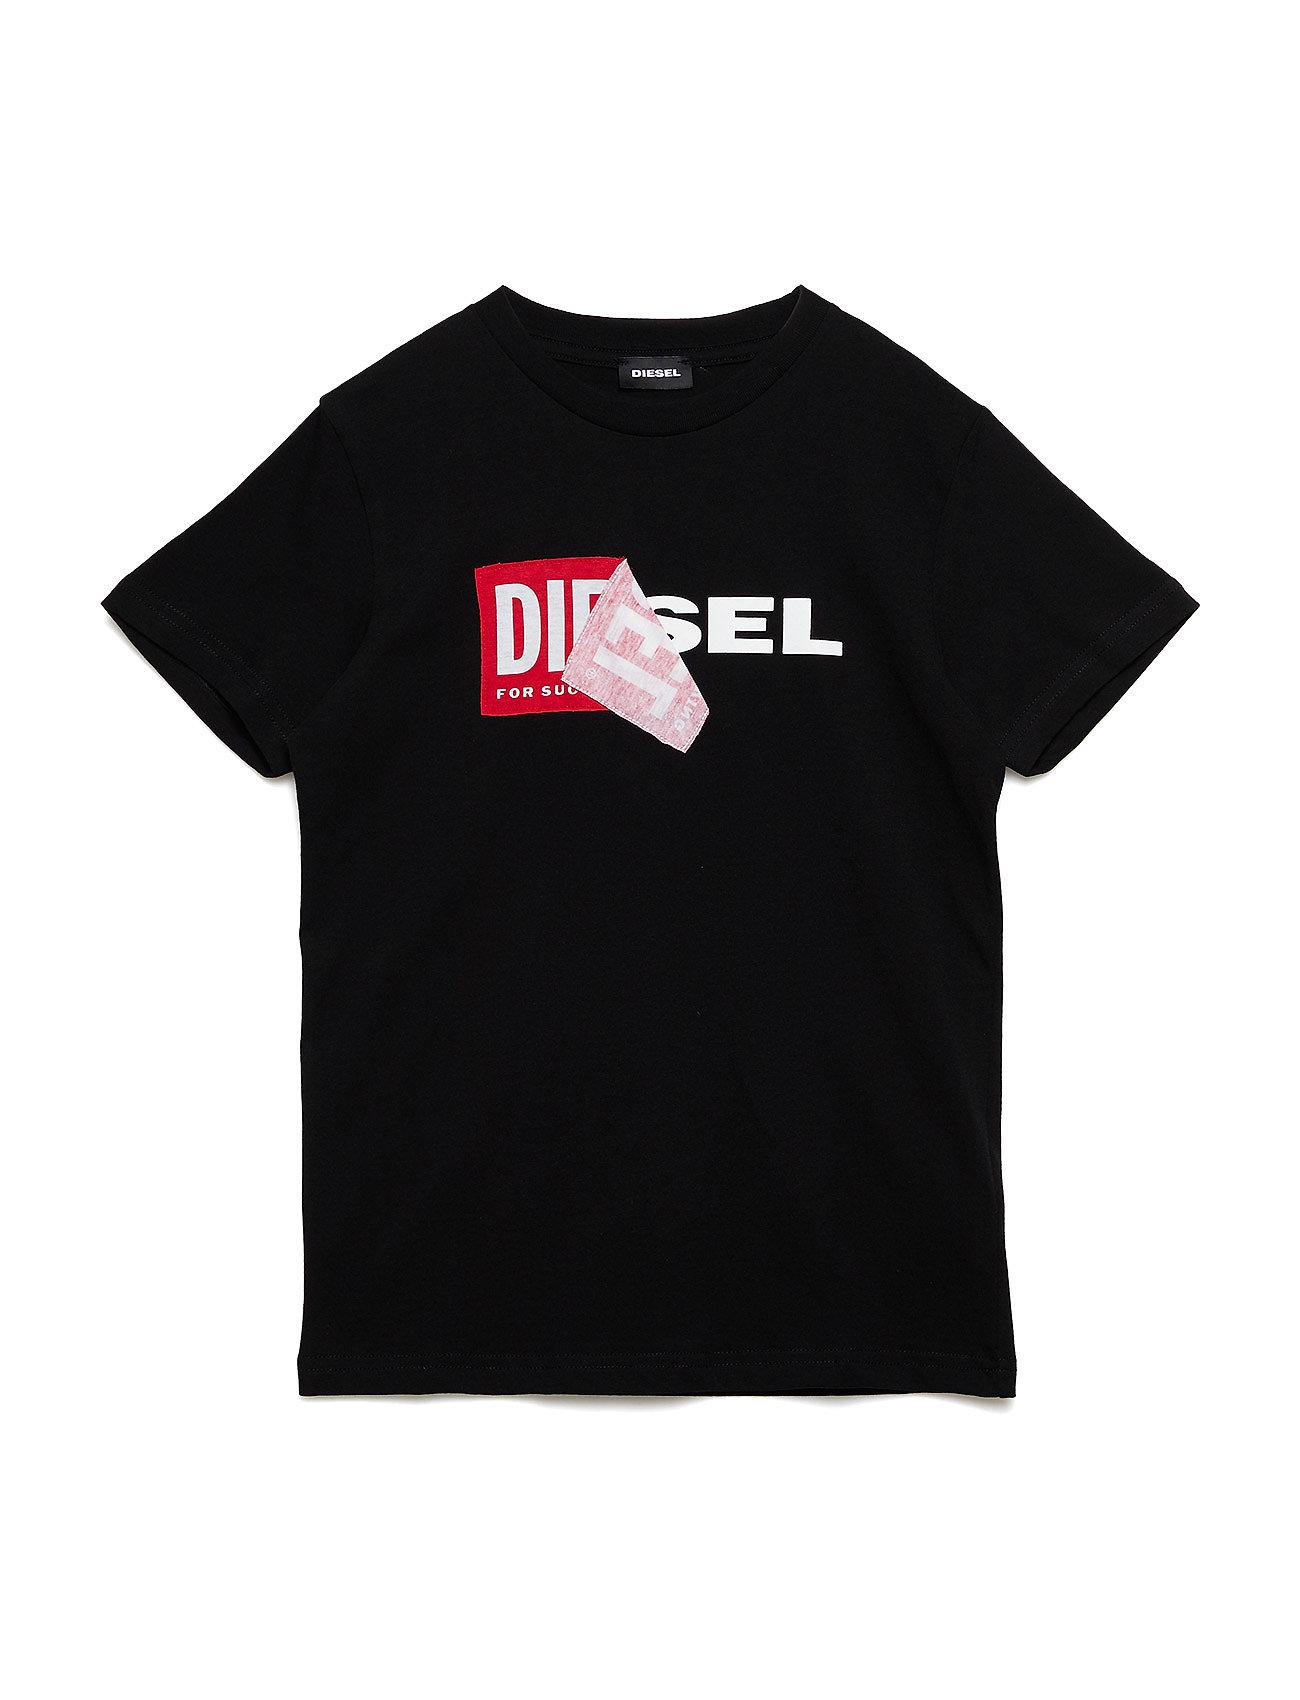 Diesel TDIEGO T-SHIRT - NERO